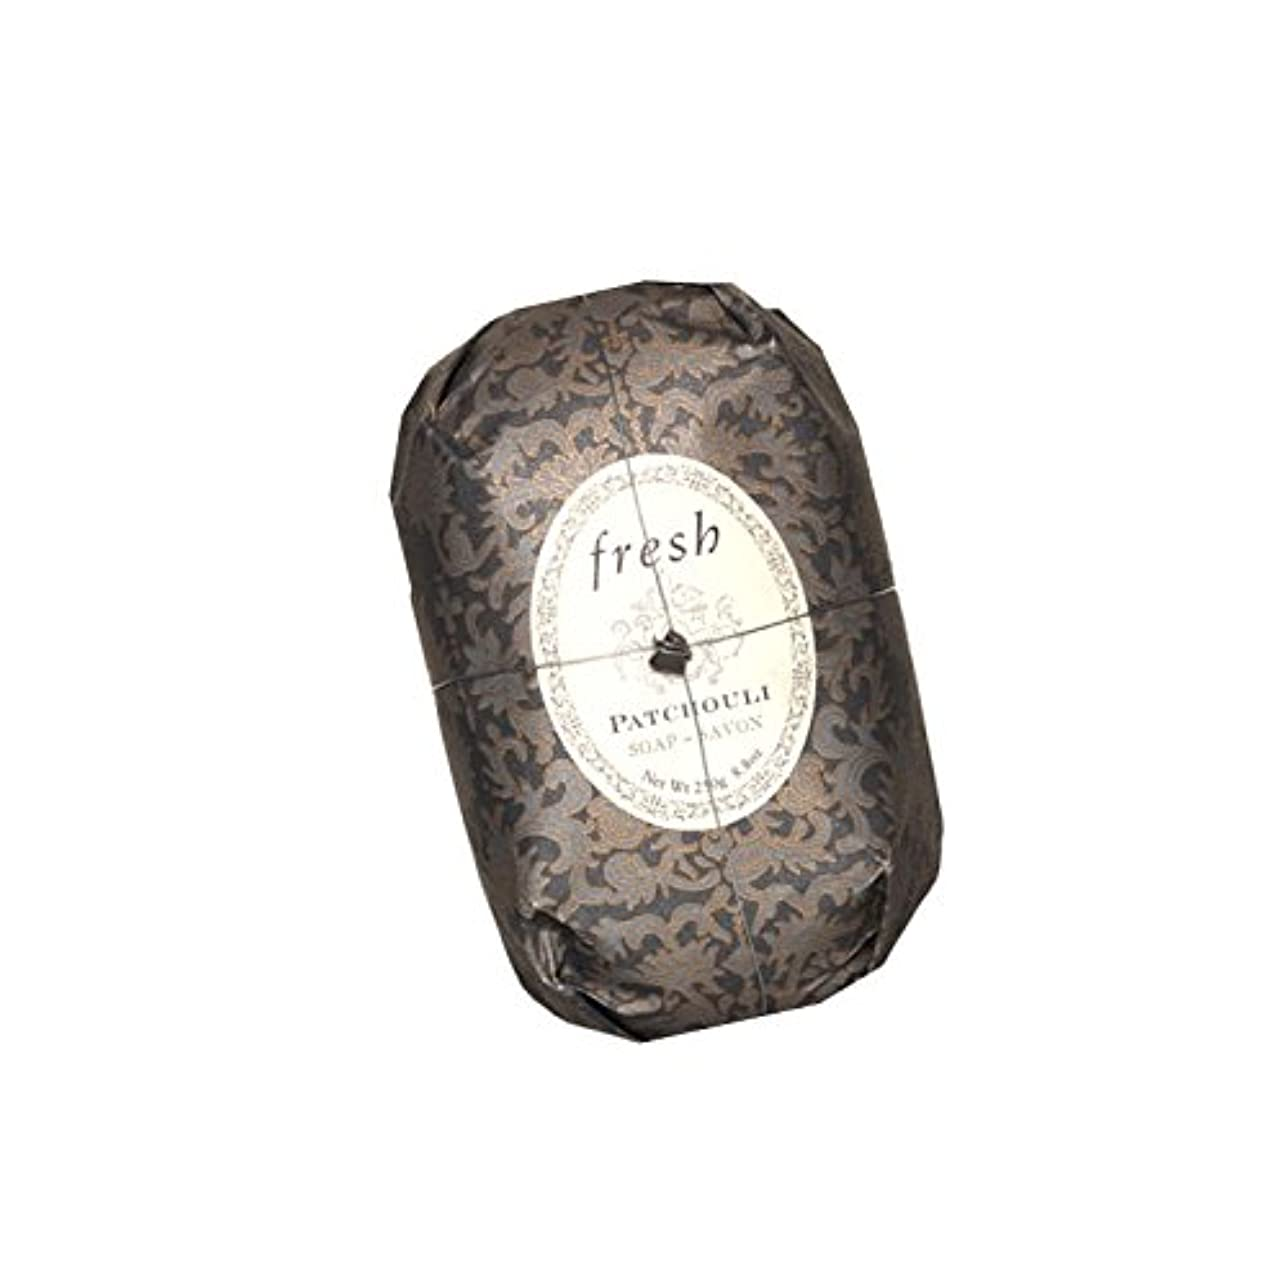 有限誤解植生Fresh フレッシュ Patchouli Soap 石鹸, 250g/8.8oz. [海外直送品] [並行輸入品]